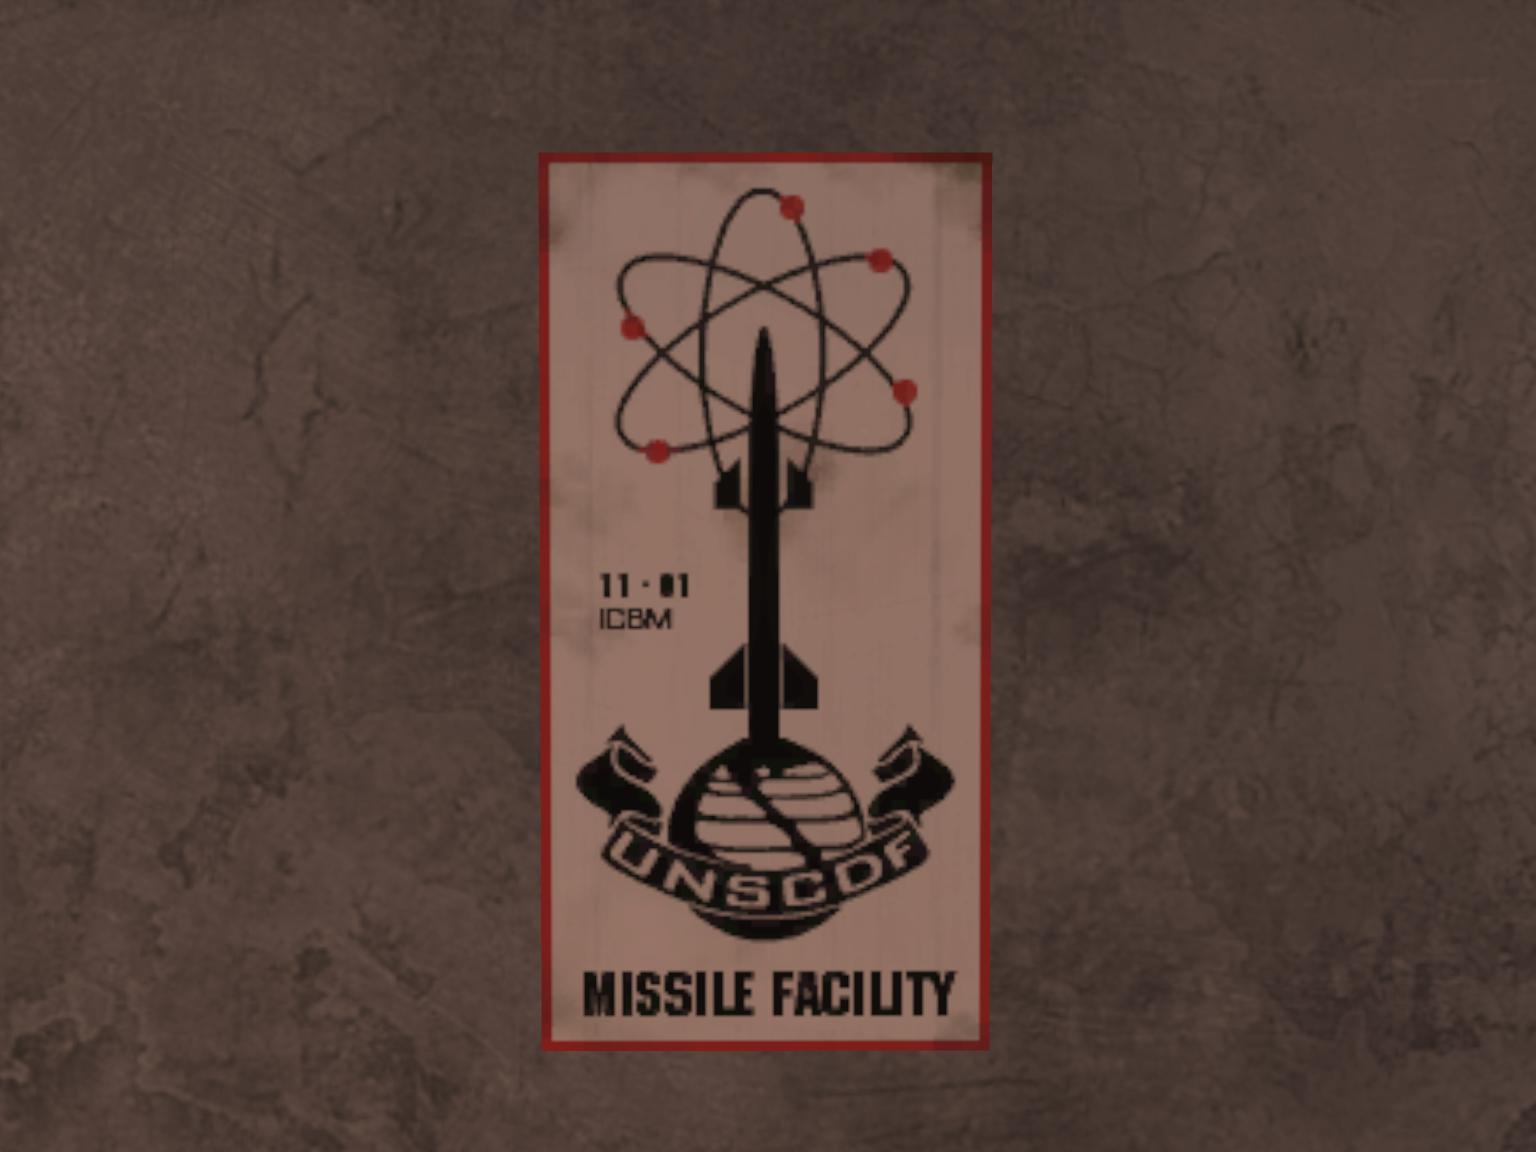 11-B1 ICBM